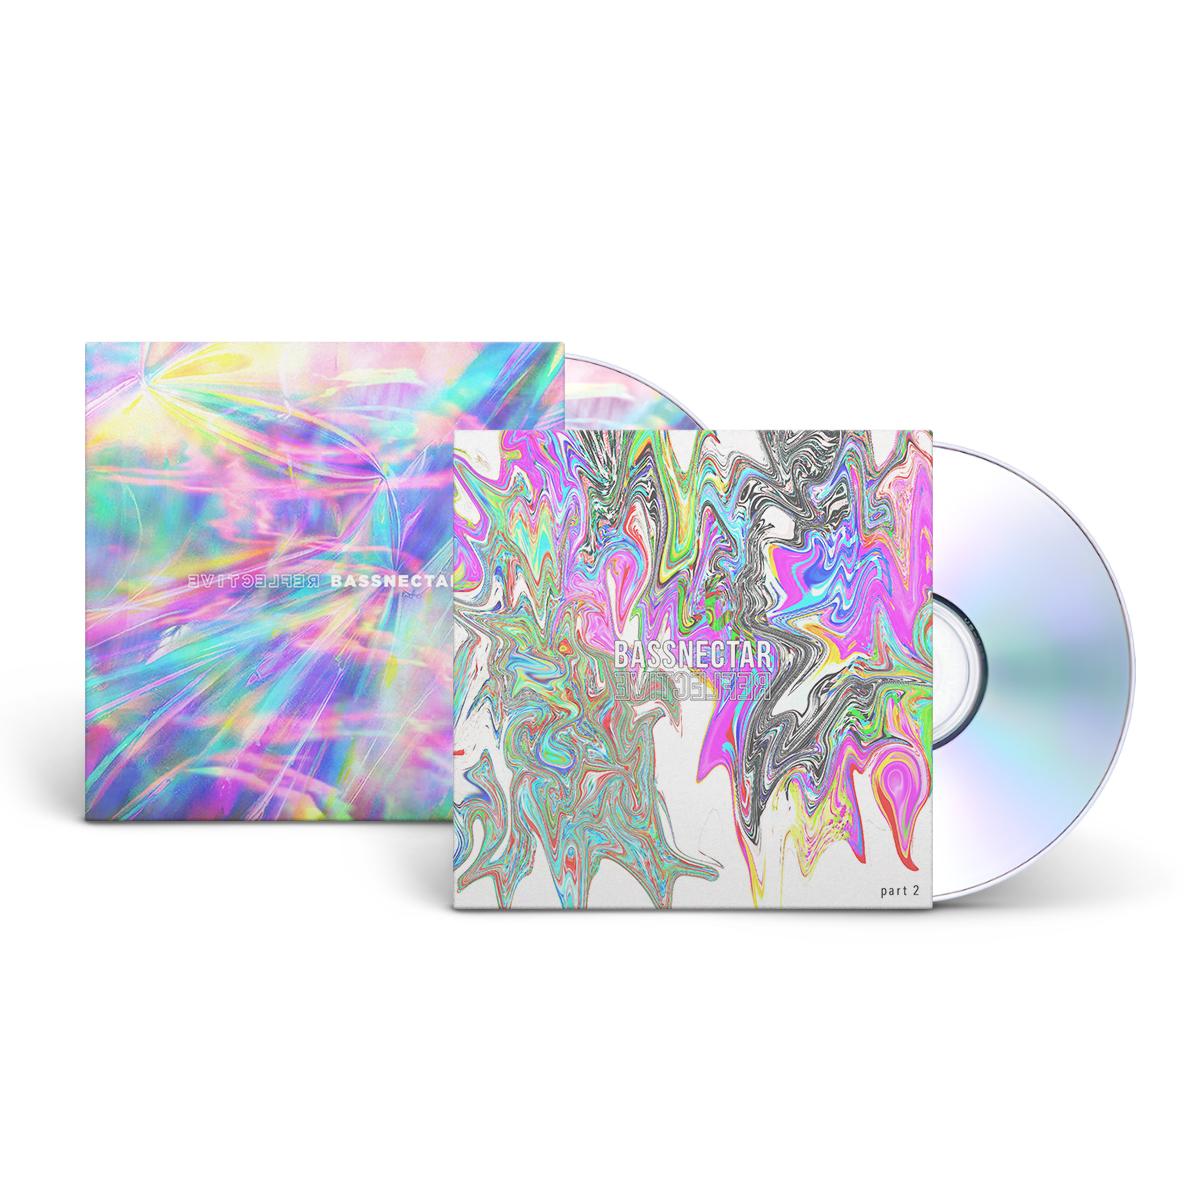 Reflective Parts 1 & 2 EP Bundle